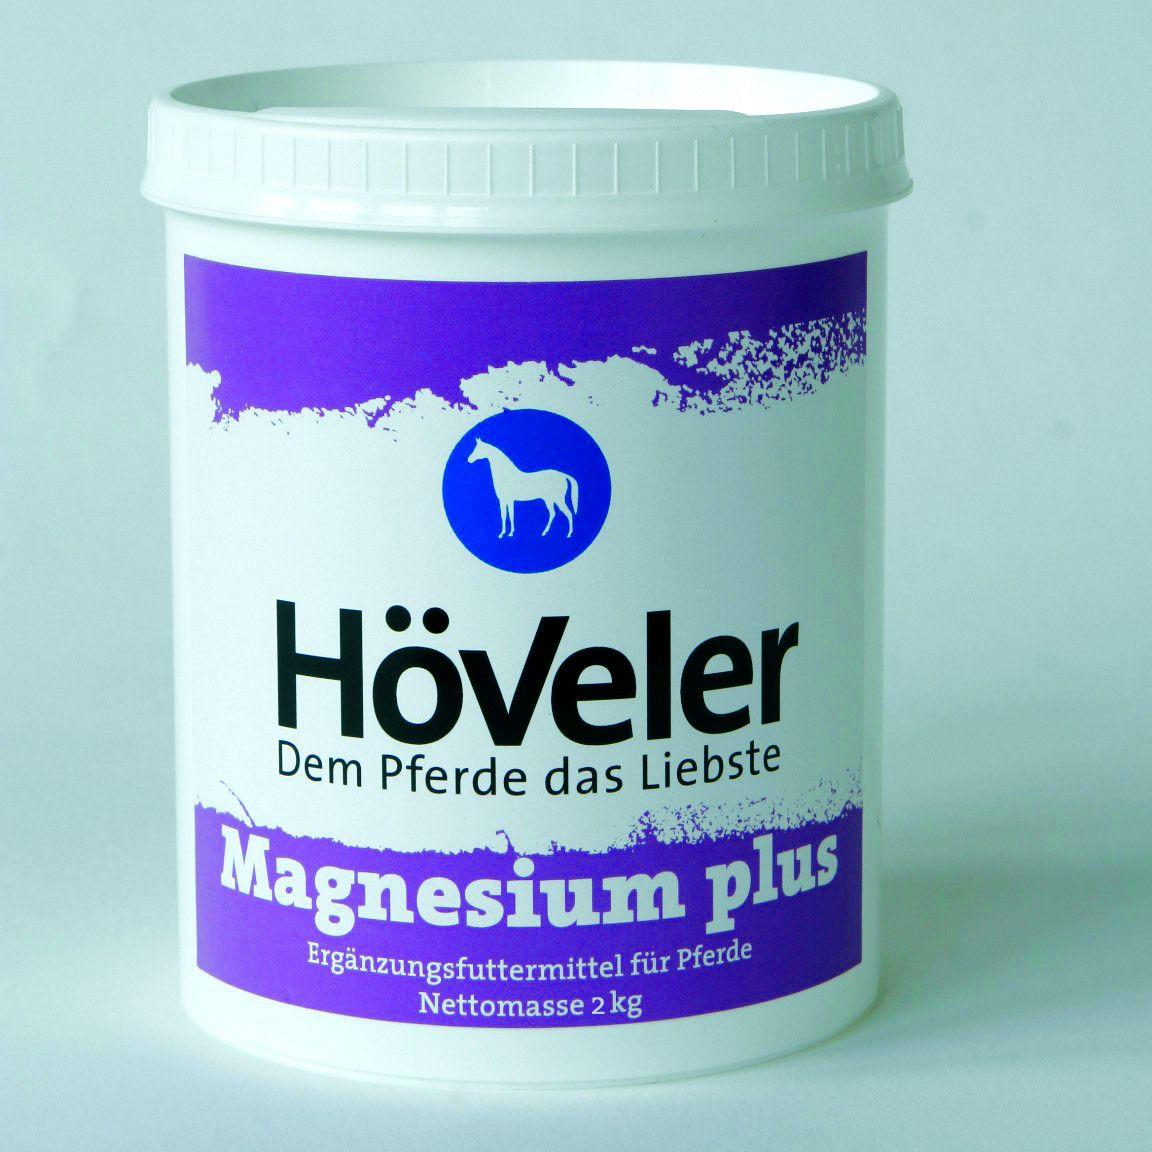 Höveler Magnesium plus